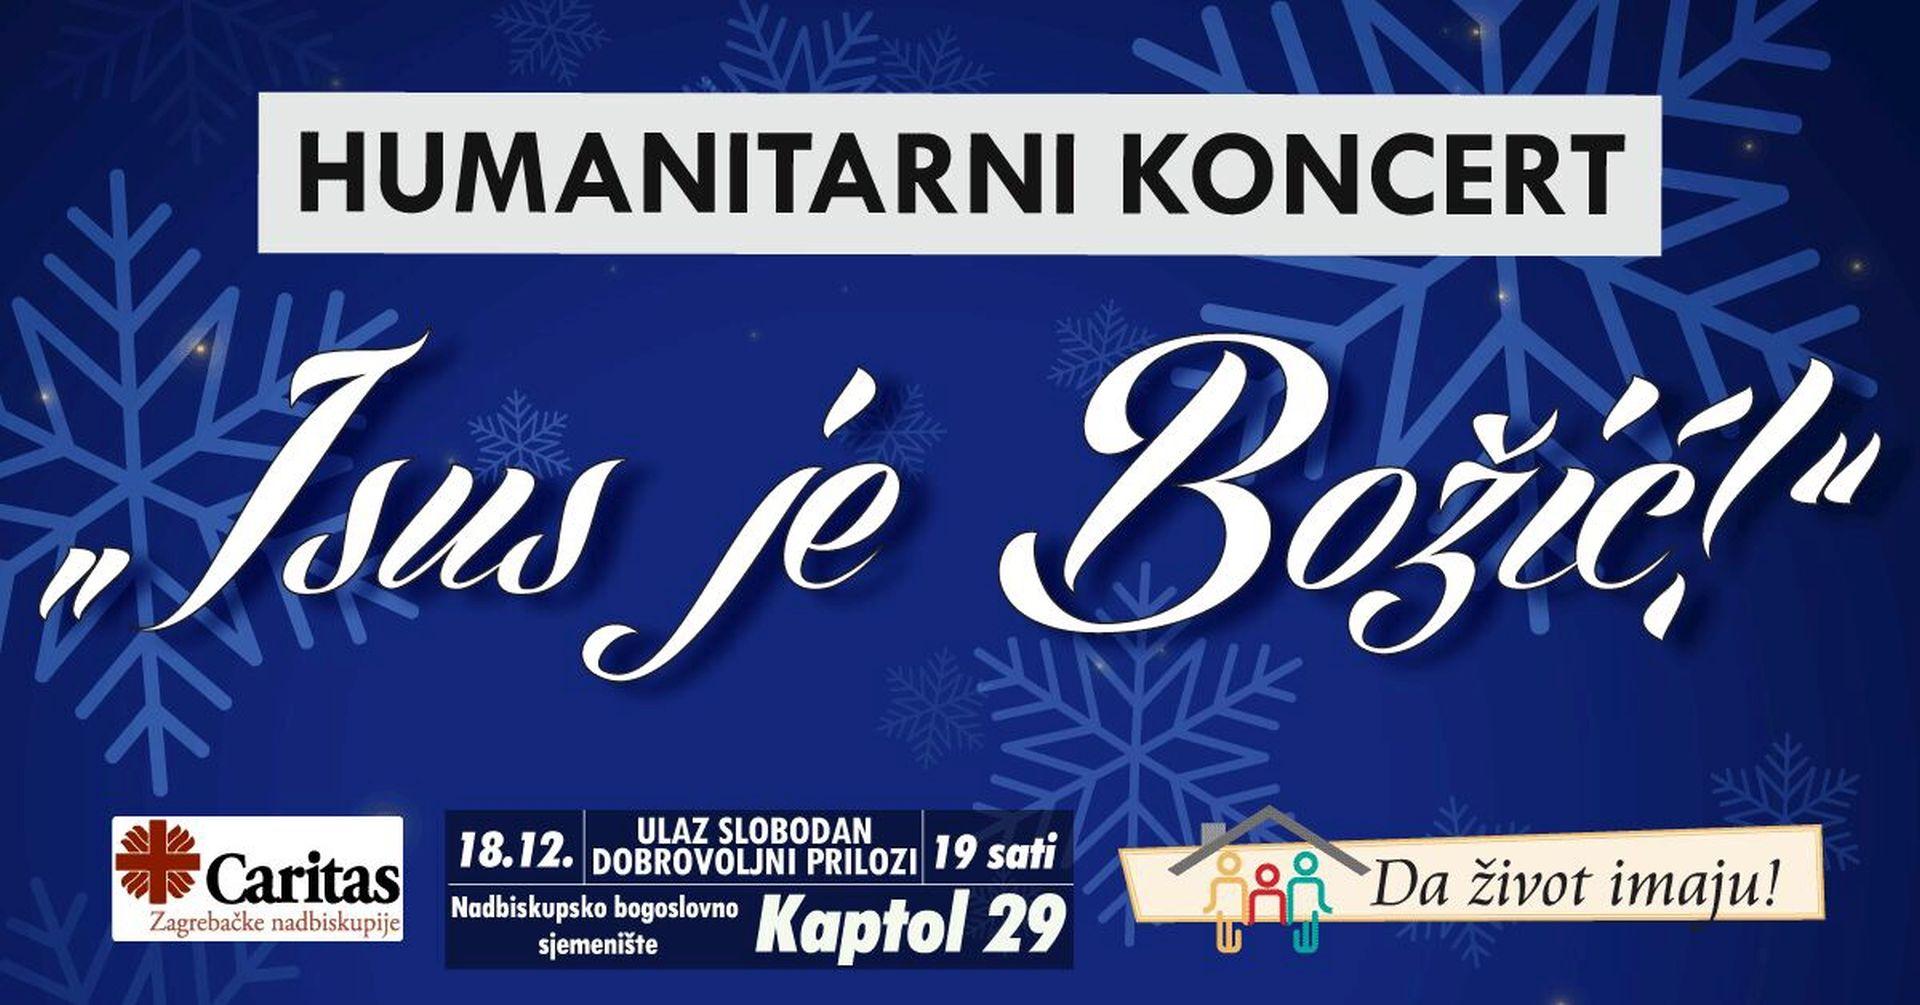 Humanitarni koncert 'Isus je Božić' za akciju 'Da život imaju!'